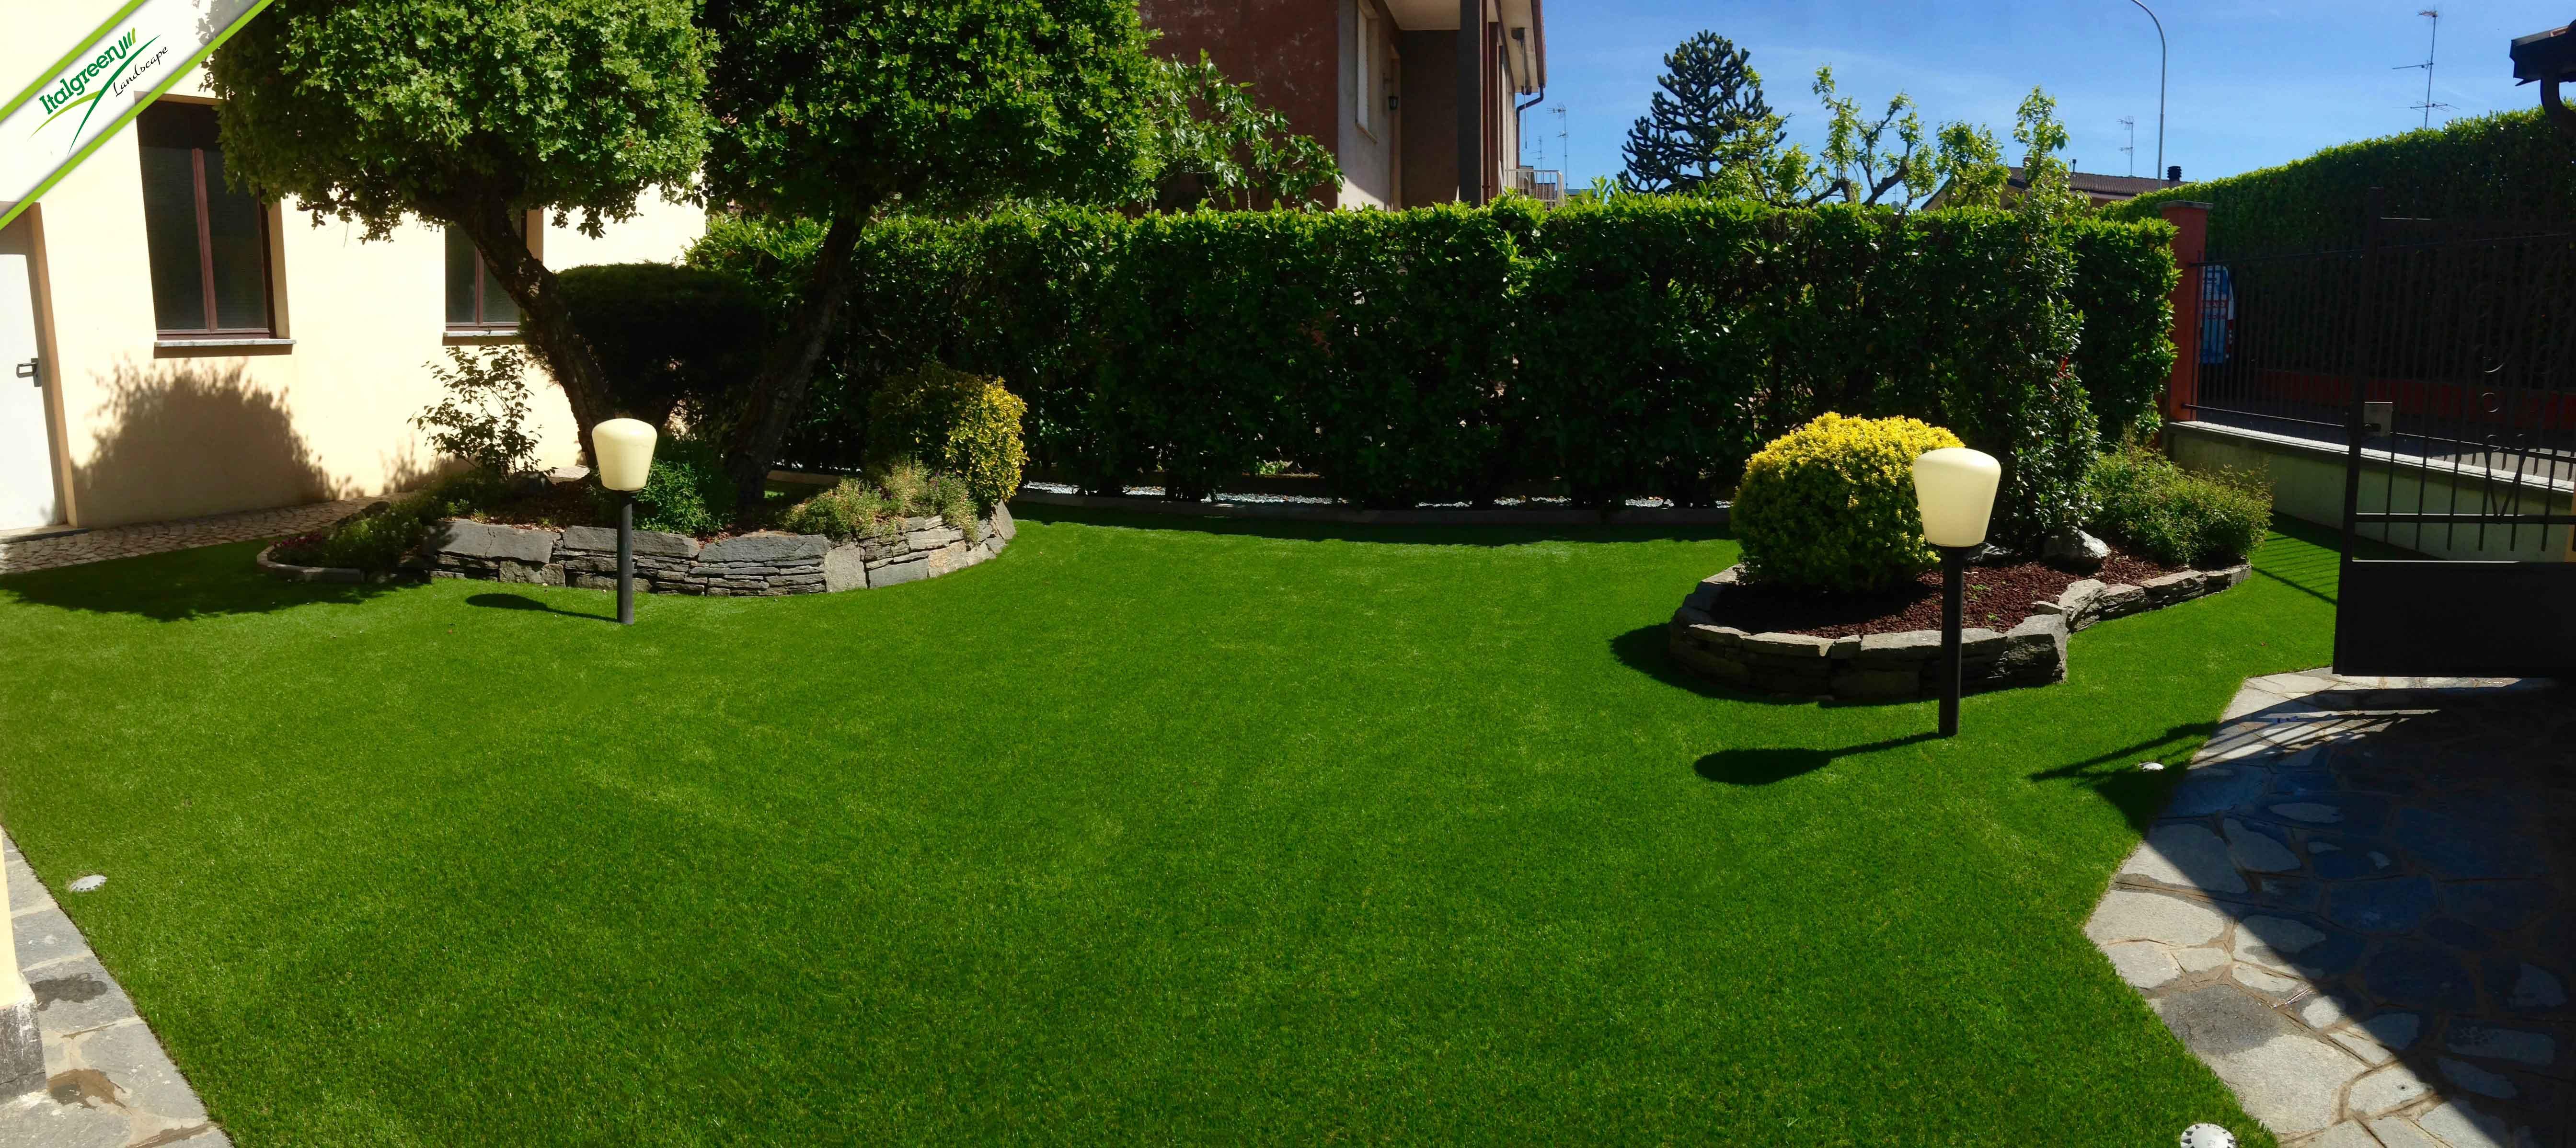 Natale alle porte outdoor in ordine grazie all 39 erba - Giardino senza erba ...